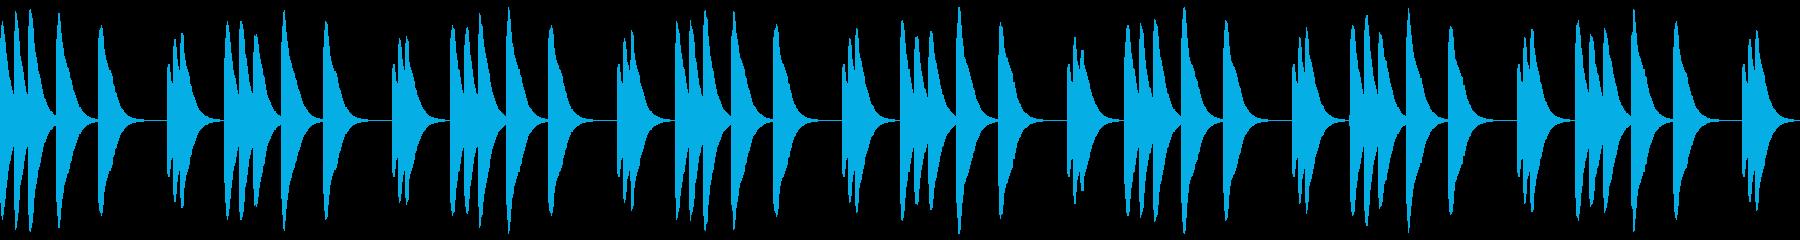 マリンバの着信音の再生済みの波形